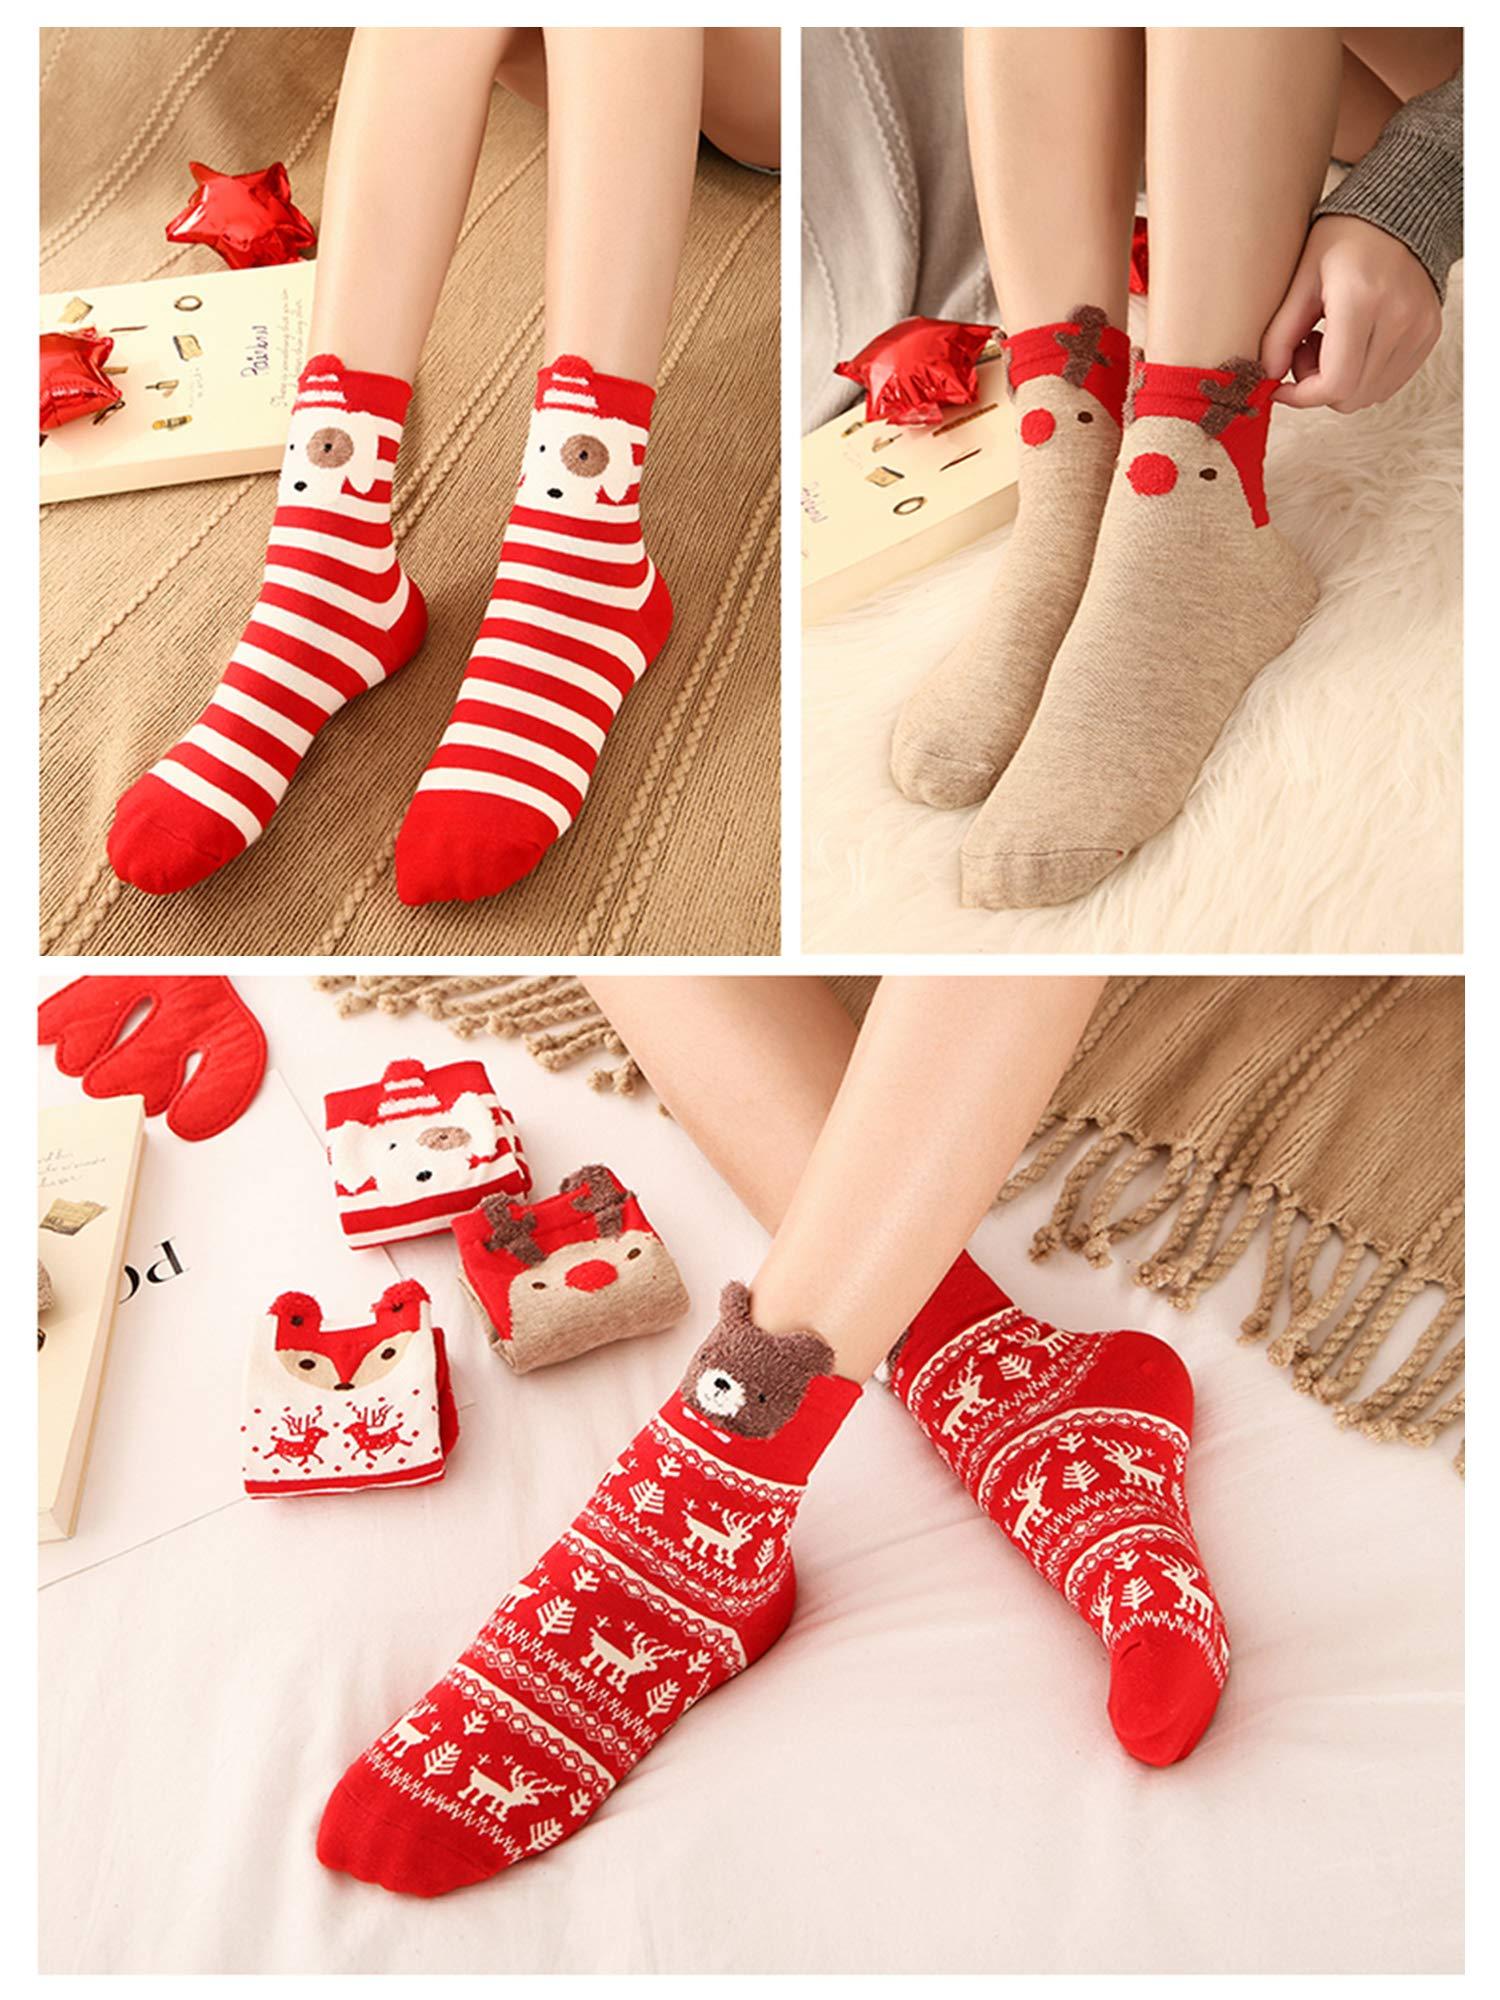 LIKERAINY Ragazze Donna Calzini Cotone di Natale Caldo Inverno Confortevole Animale 3D Calza 7 Paia 4 spesavip